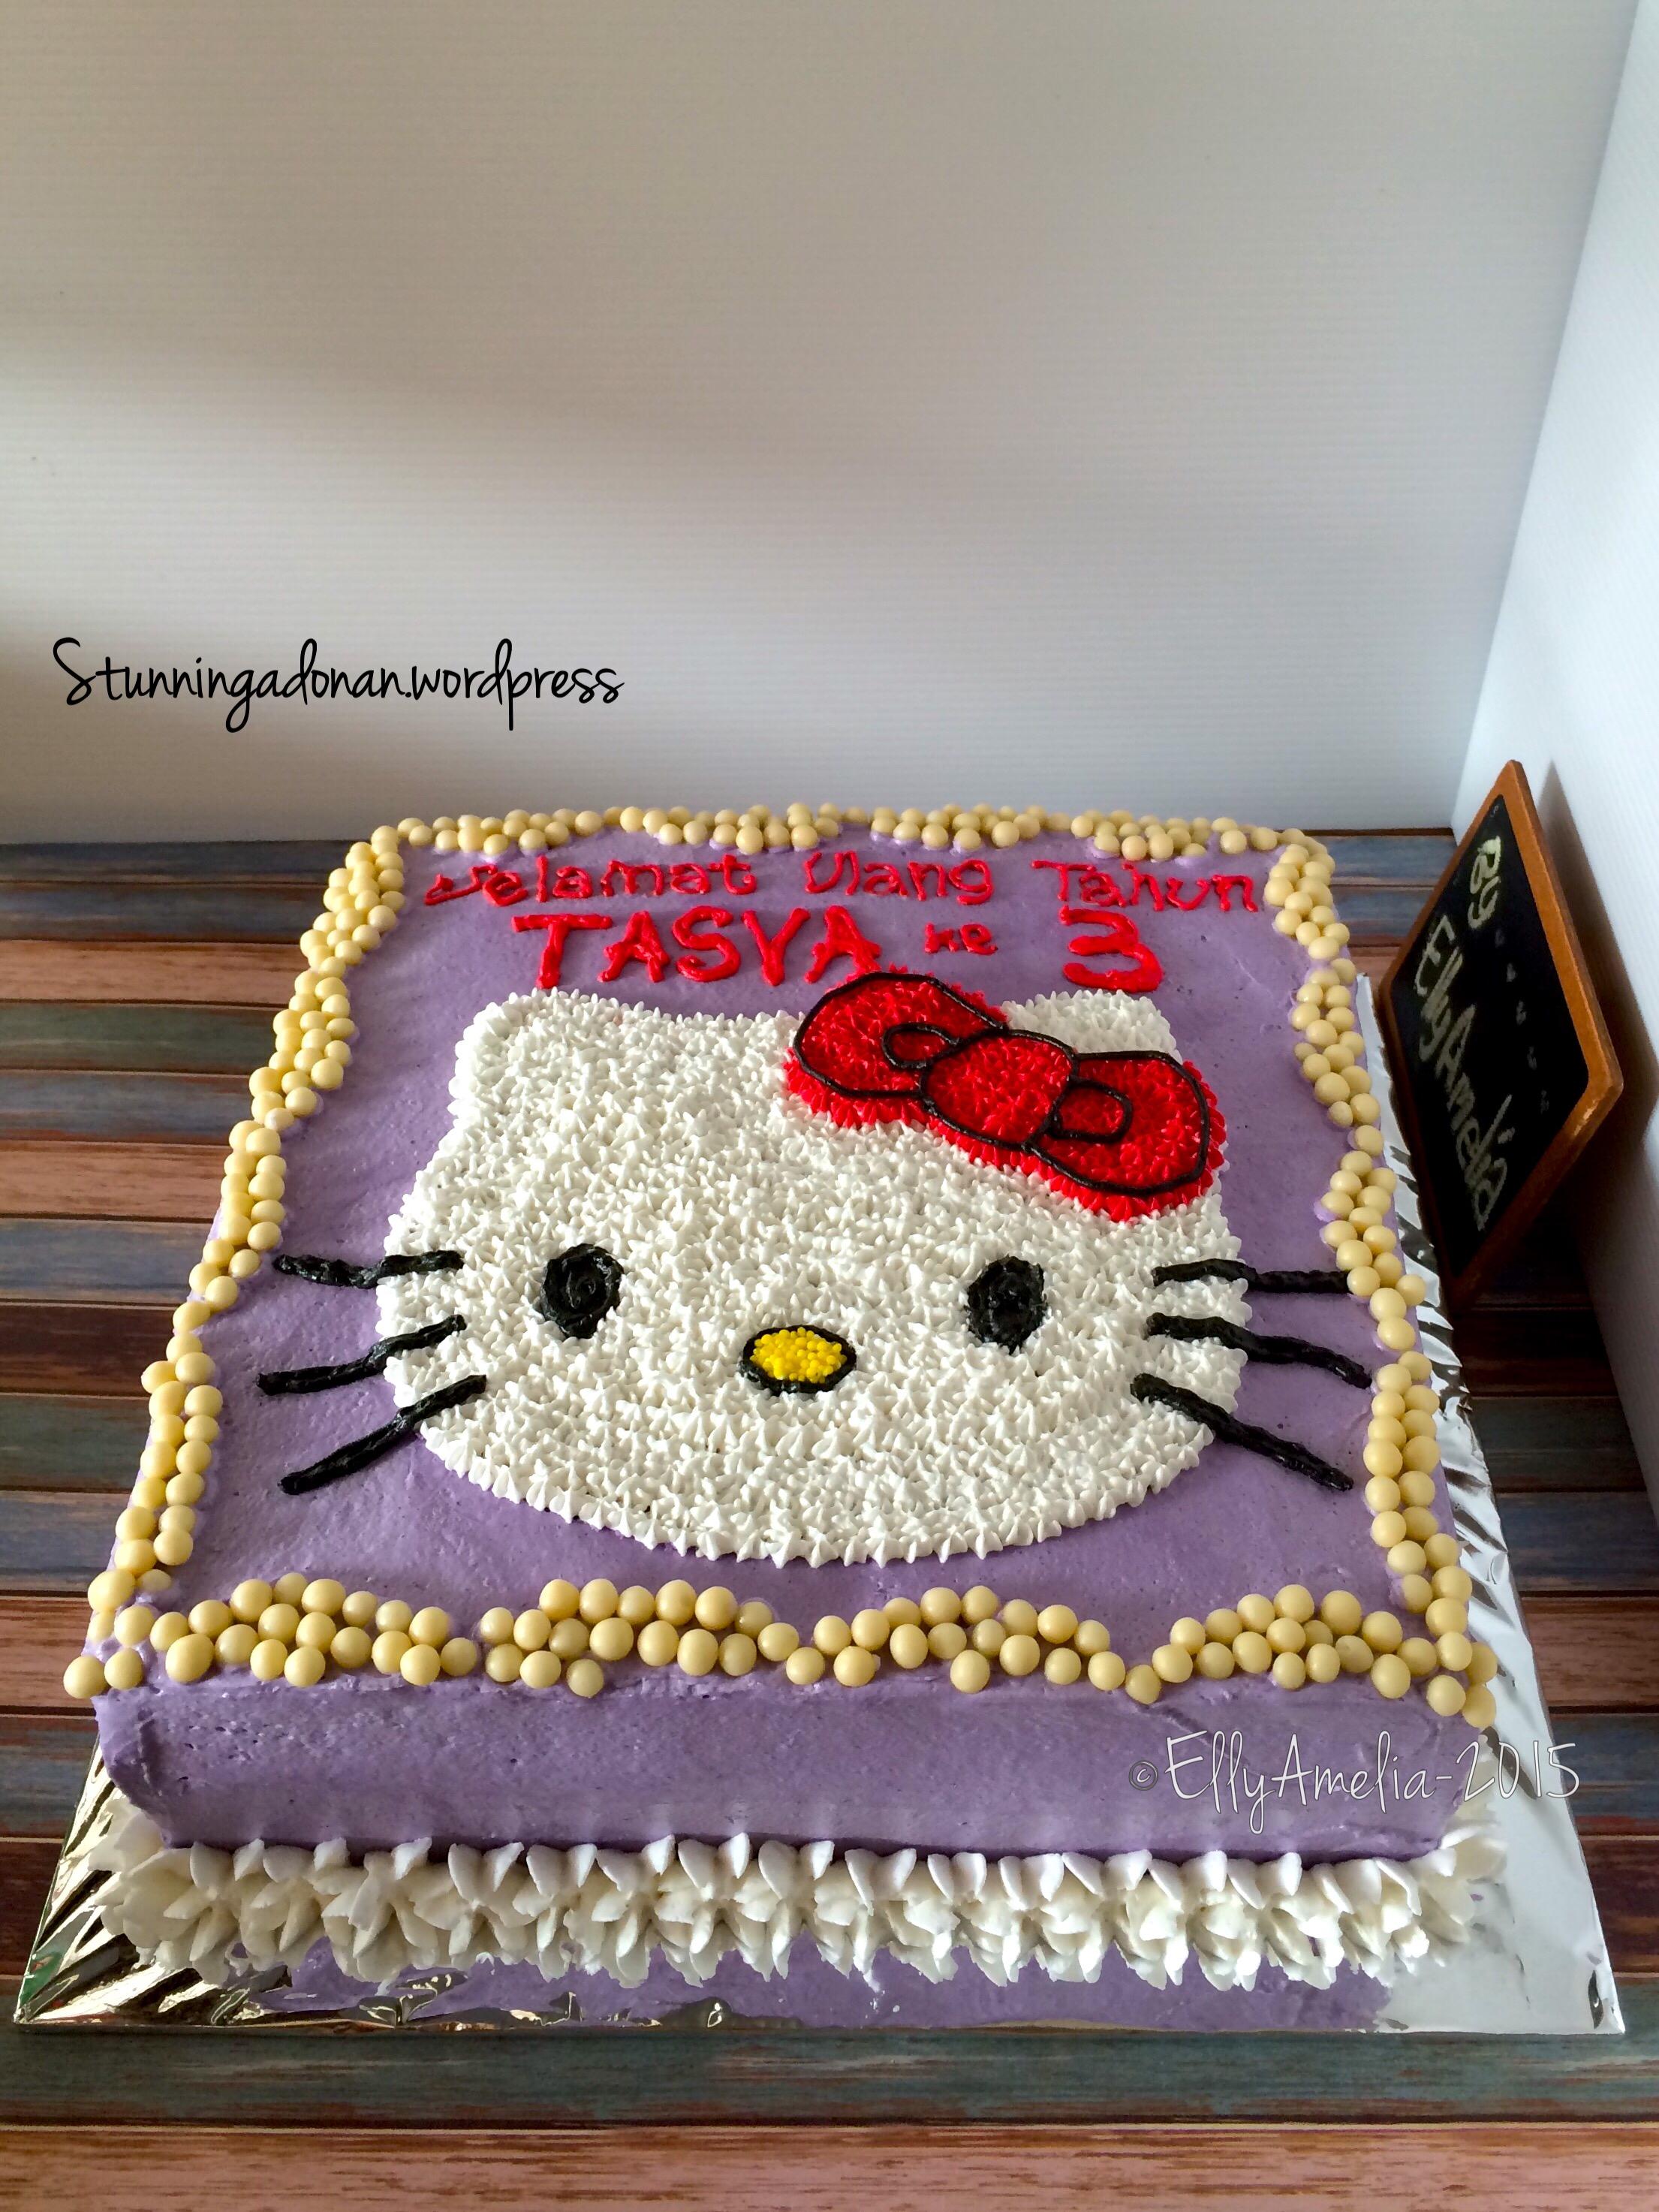 Cake Stunning Adonan